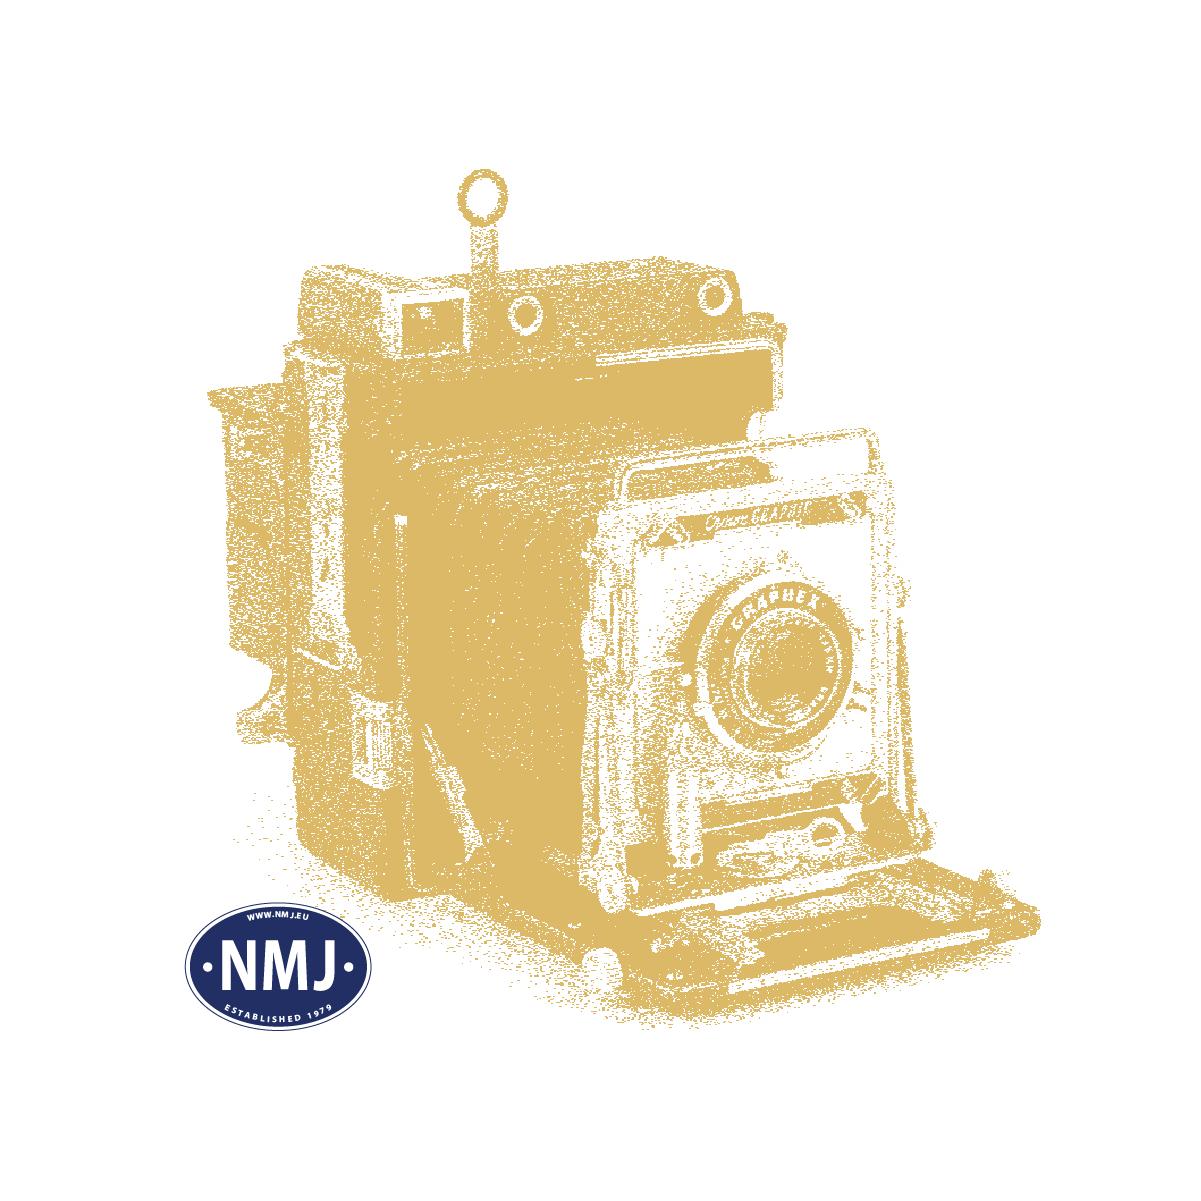 NOC15629 - Bønder